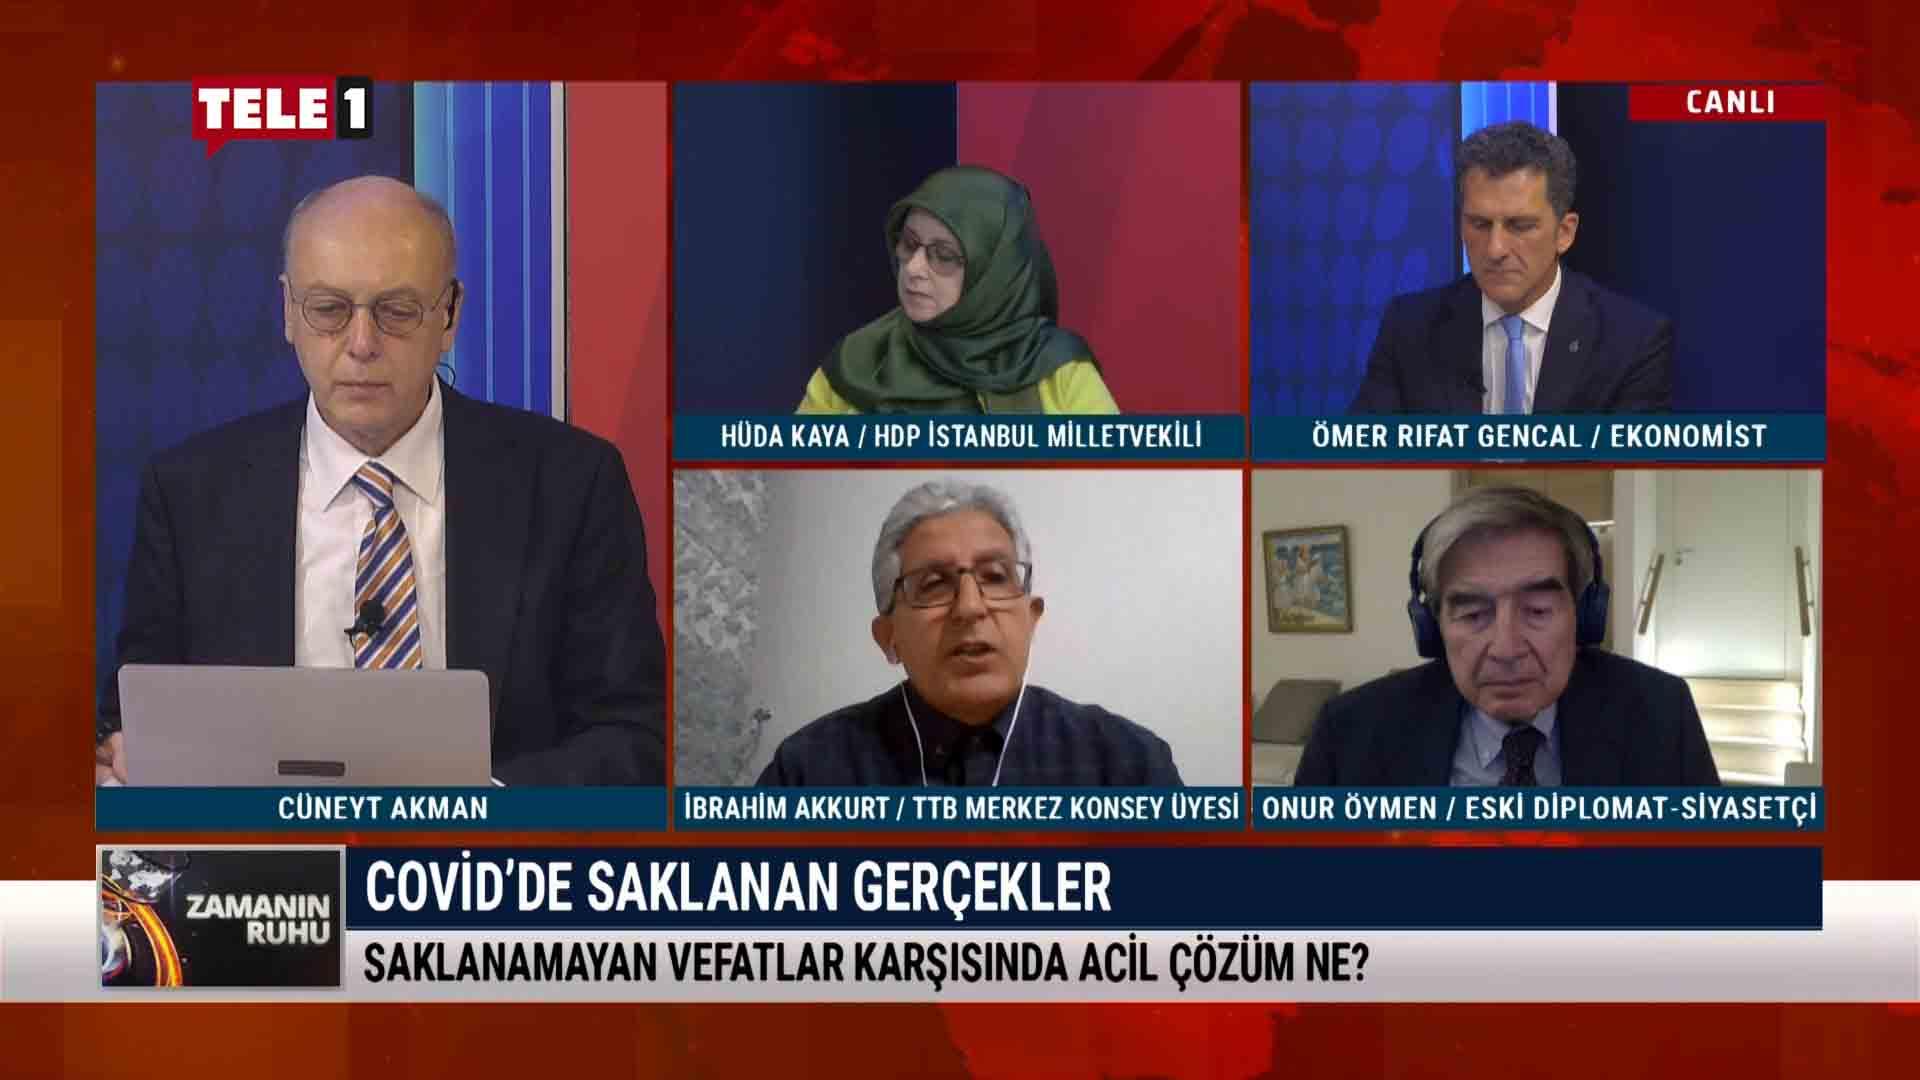 Onur Öymen: Türkiye, hibrit rejimler kategorisinde 110.sırada